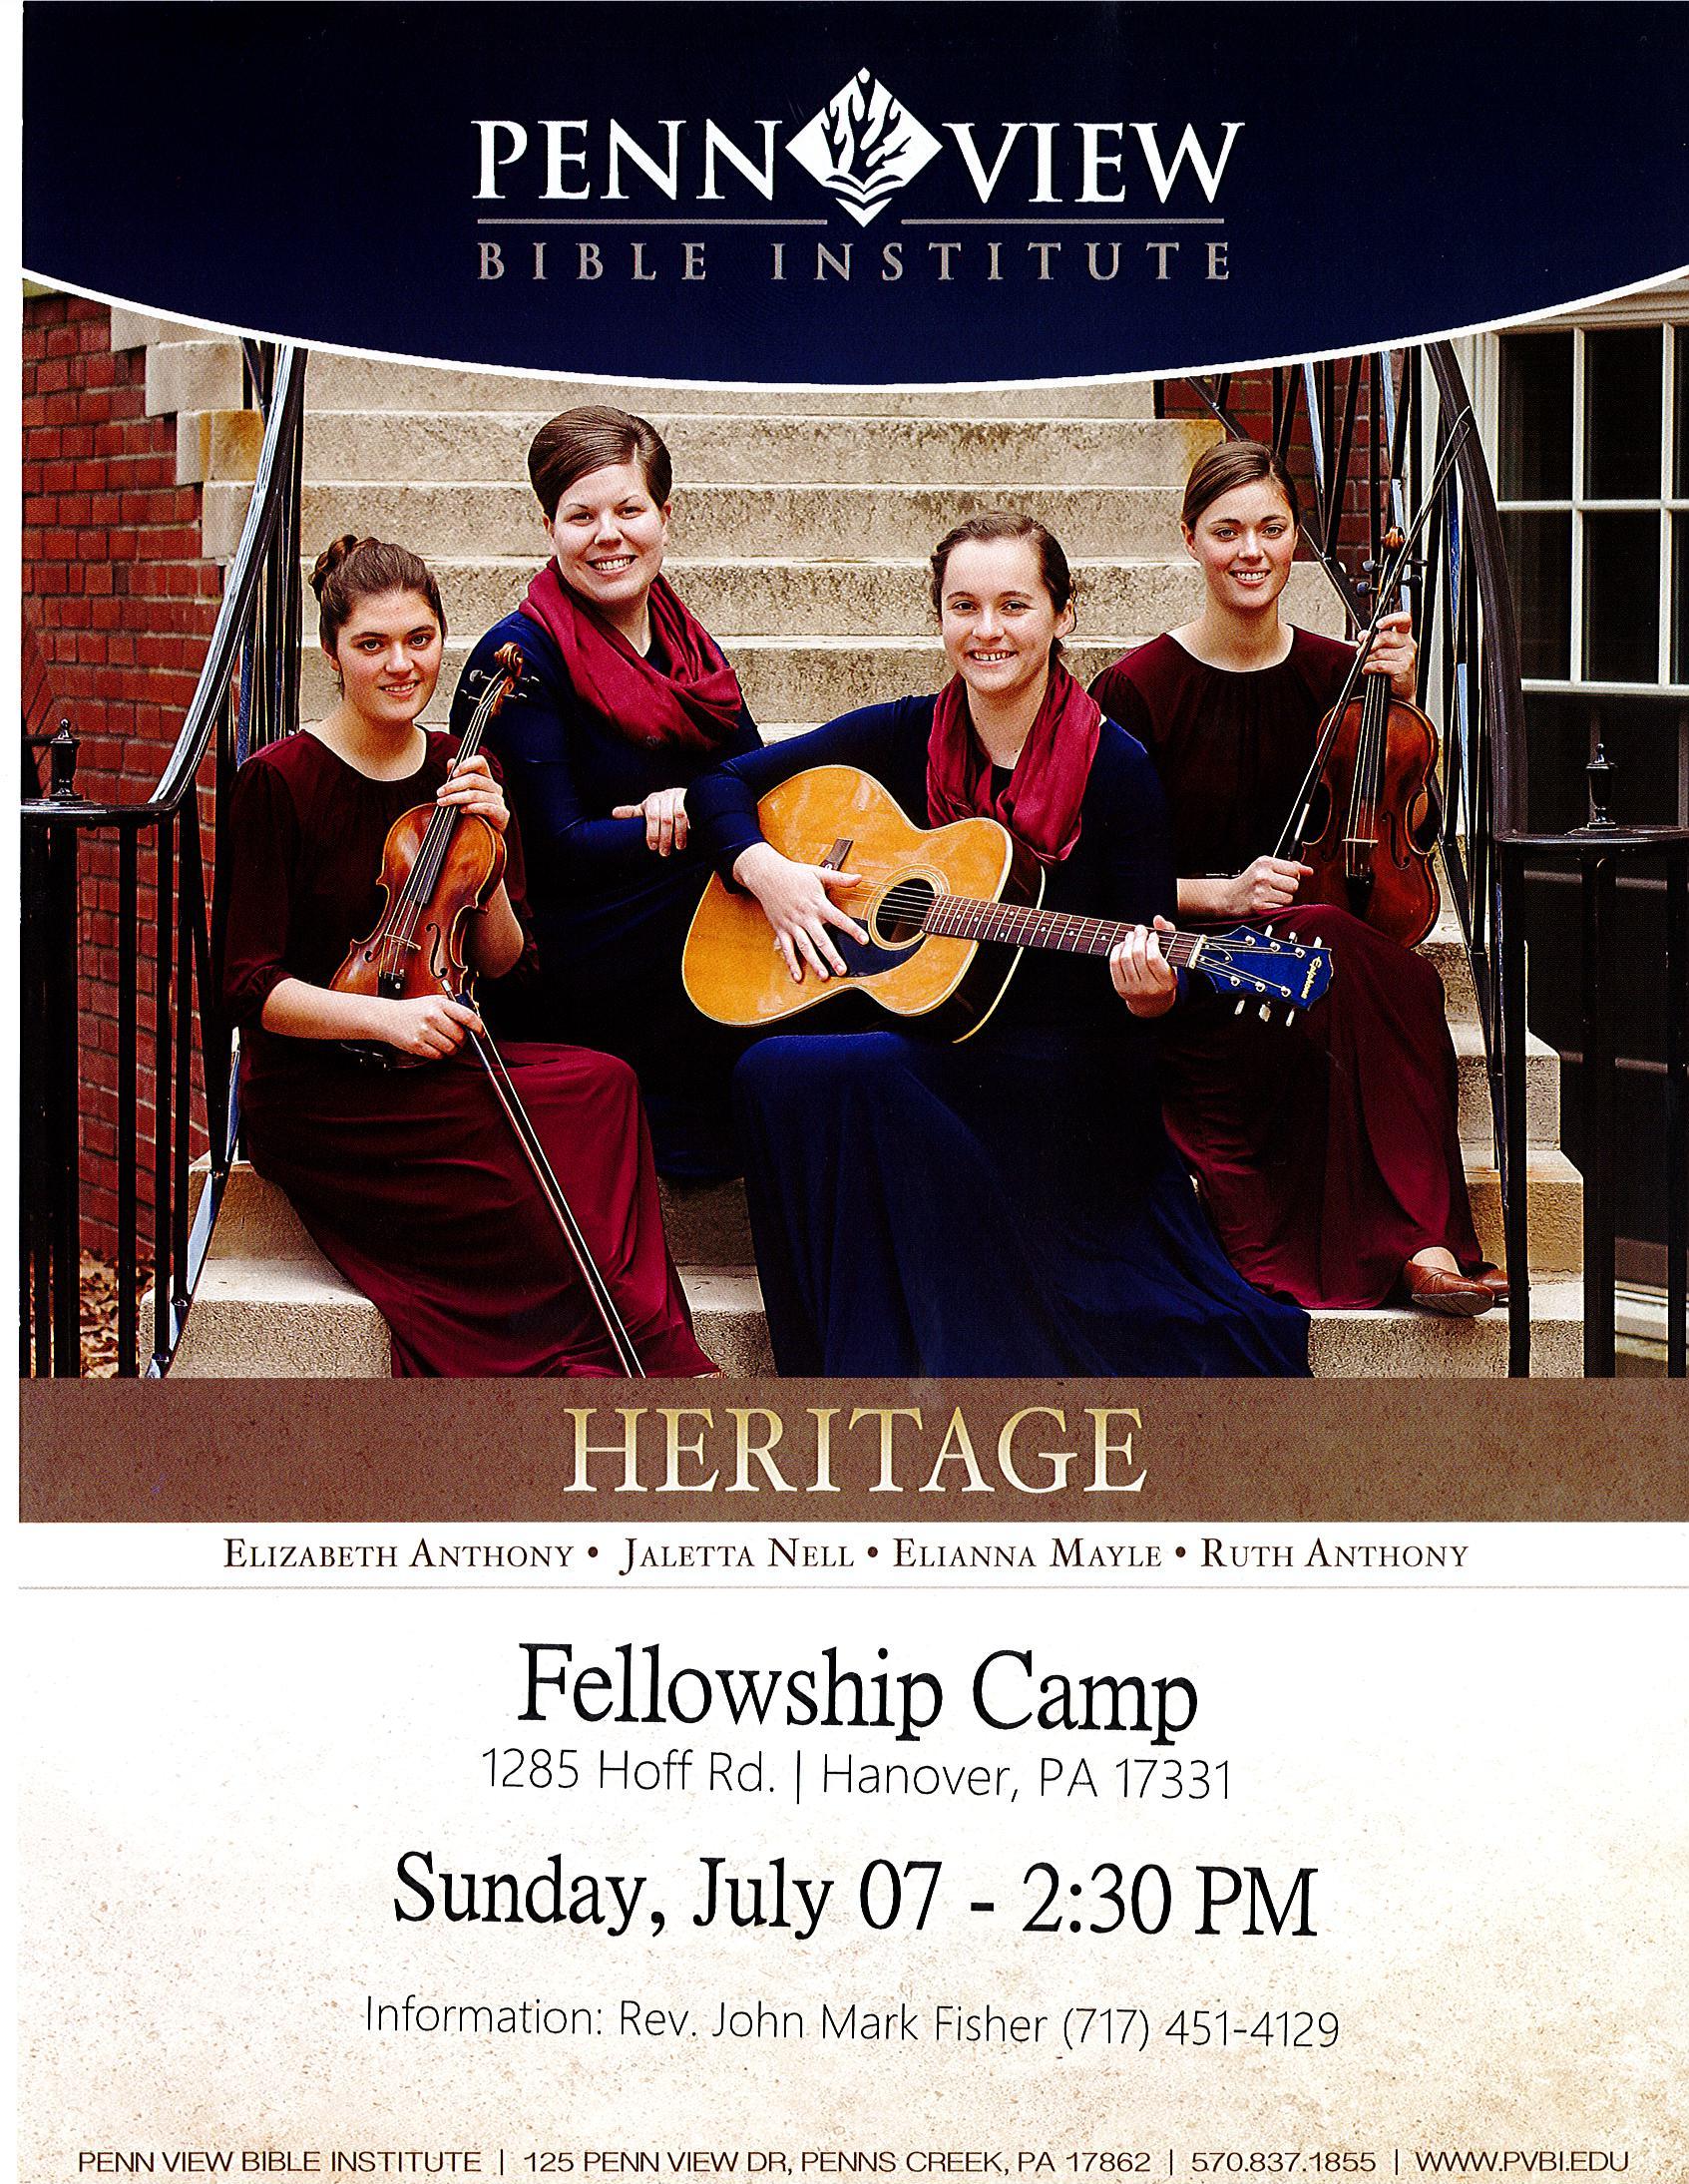 Fellowship Camp